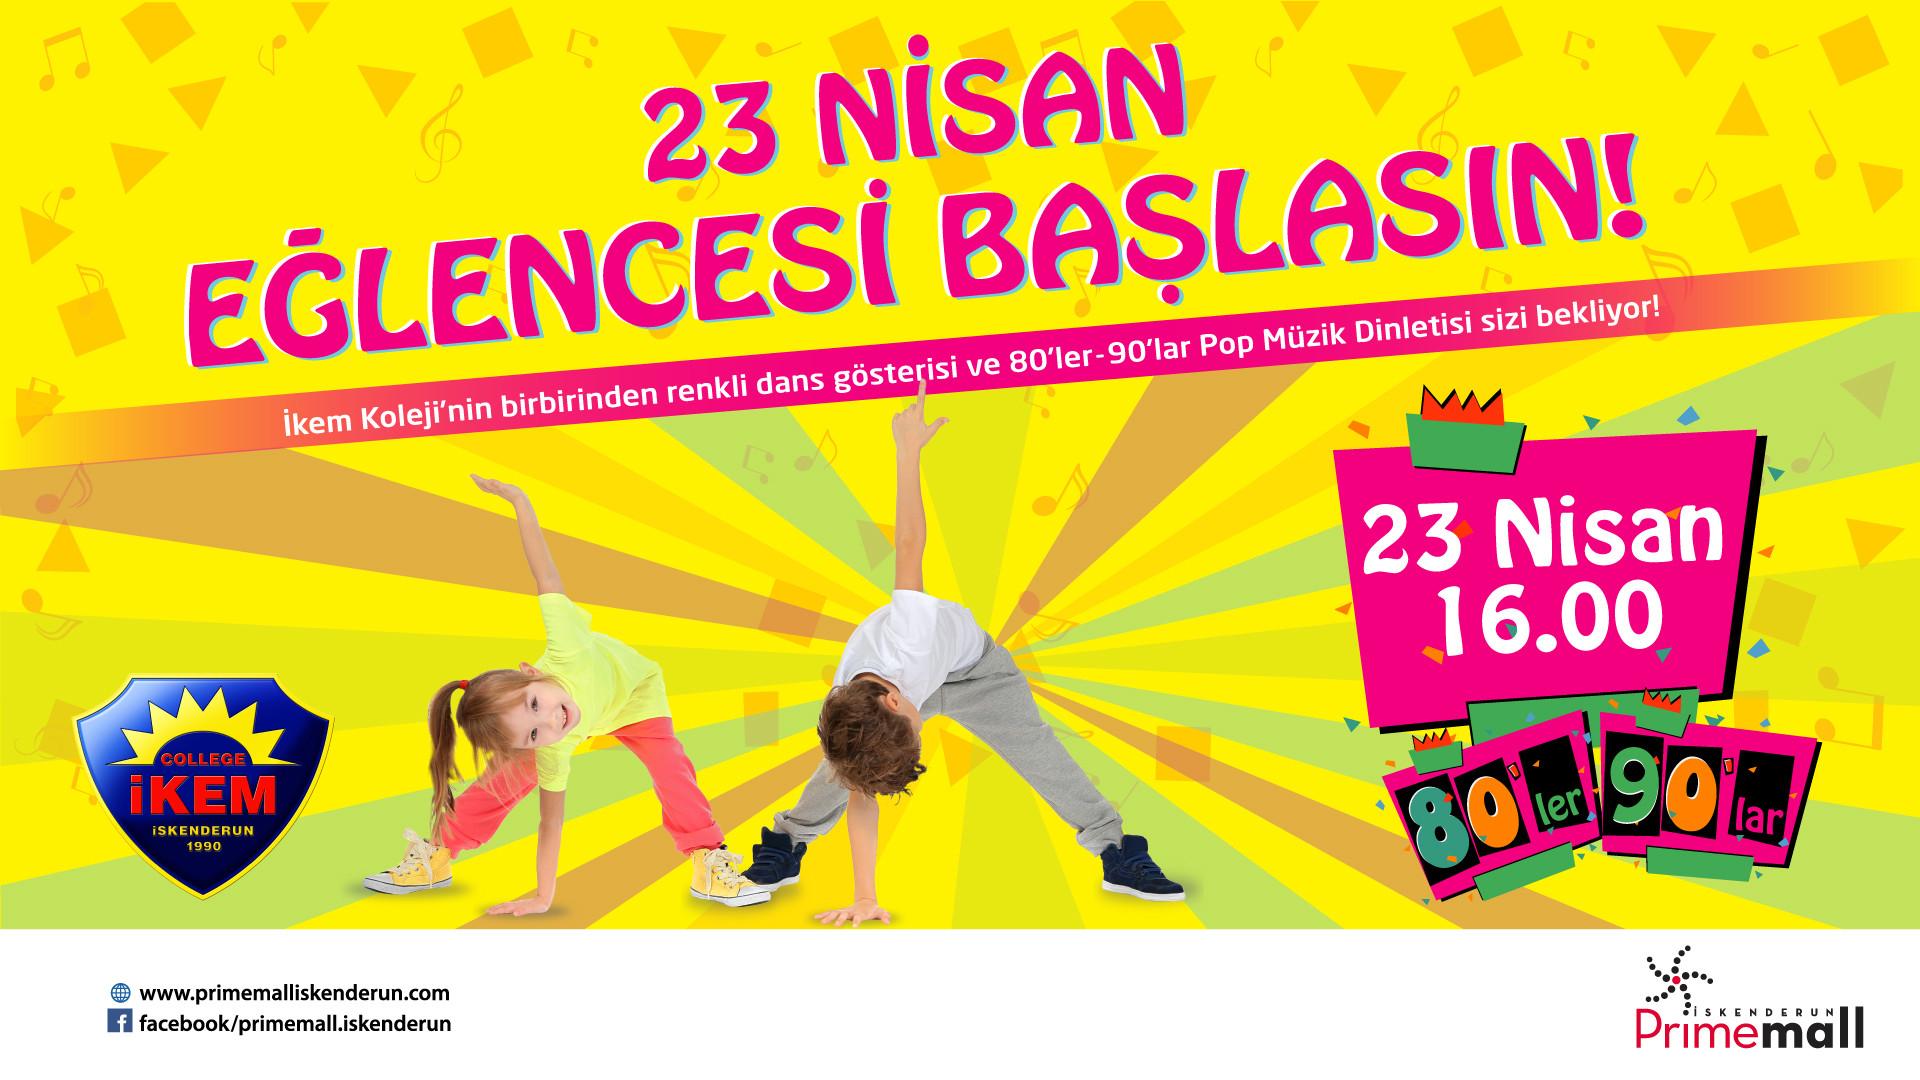 23 Nisan Eğlencesi Başlasın!